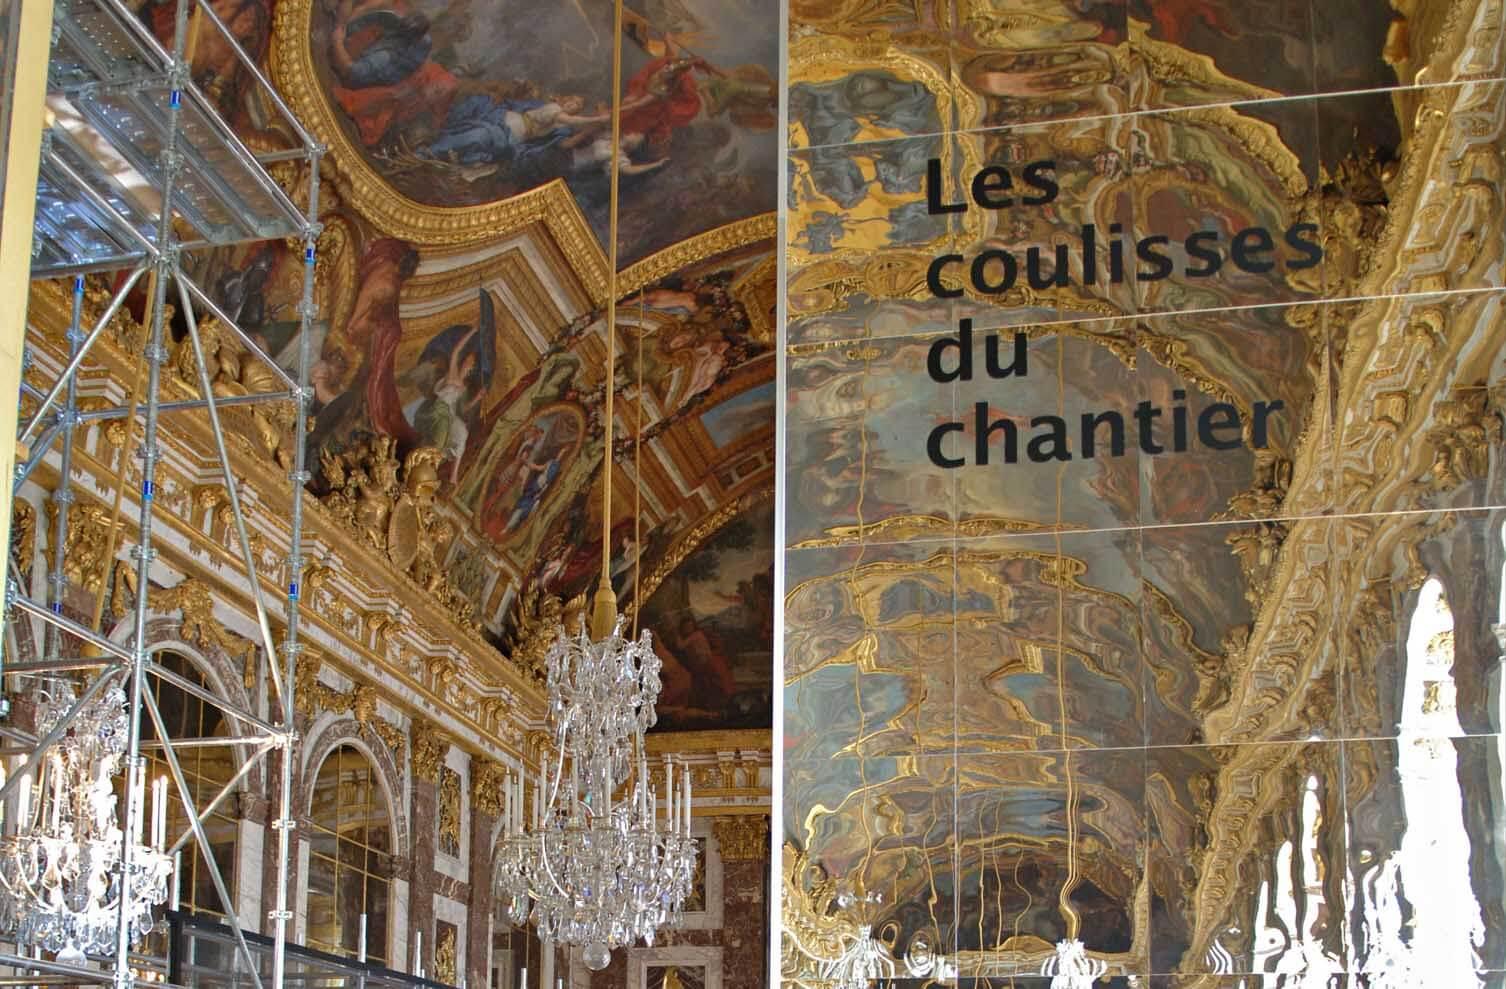 Image Galerie des Glaces 6